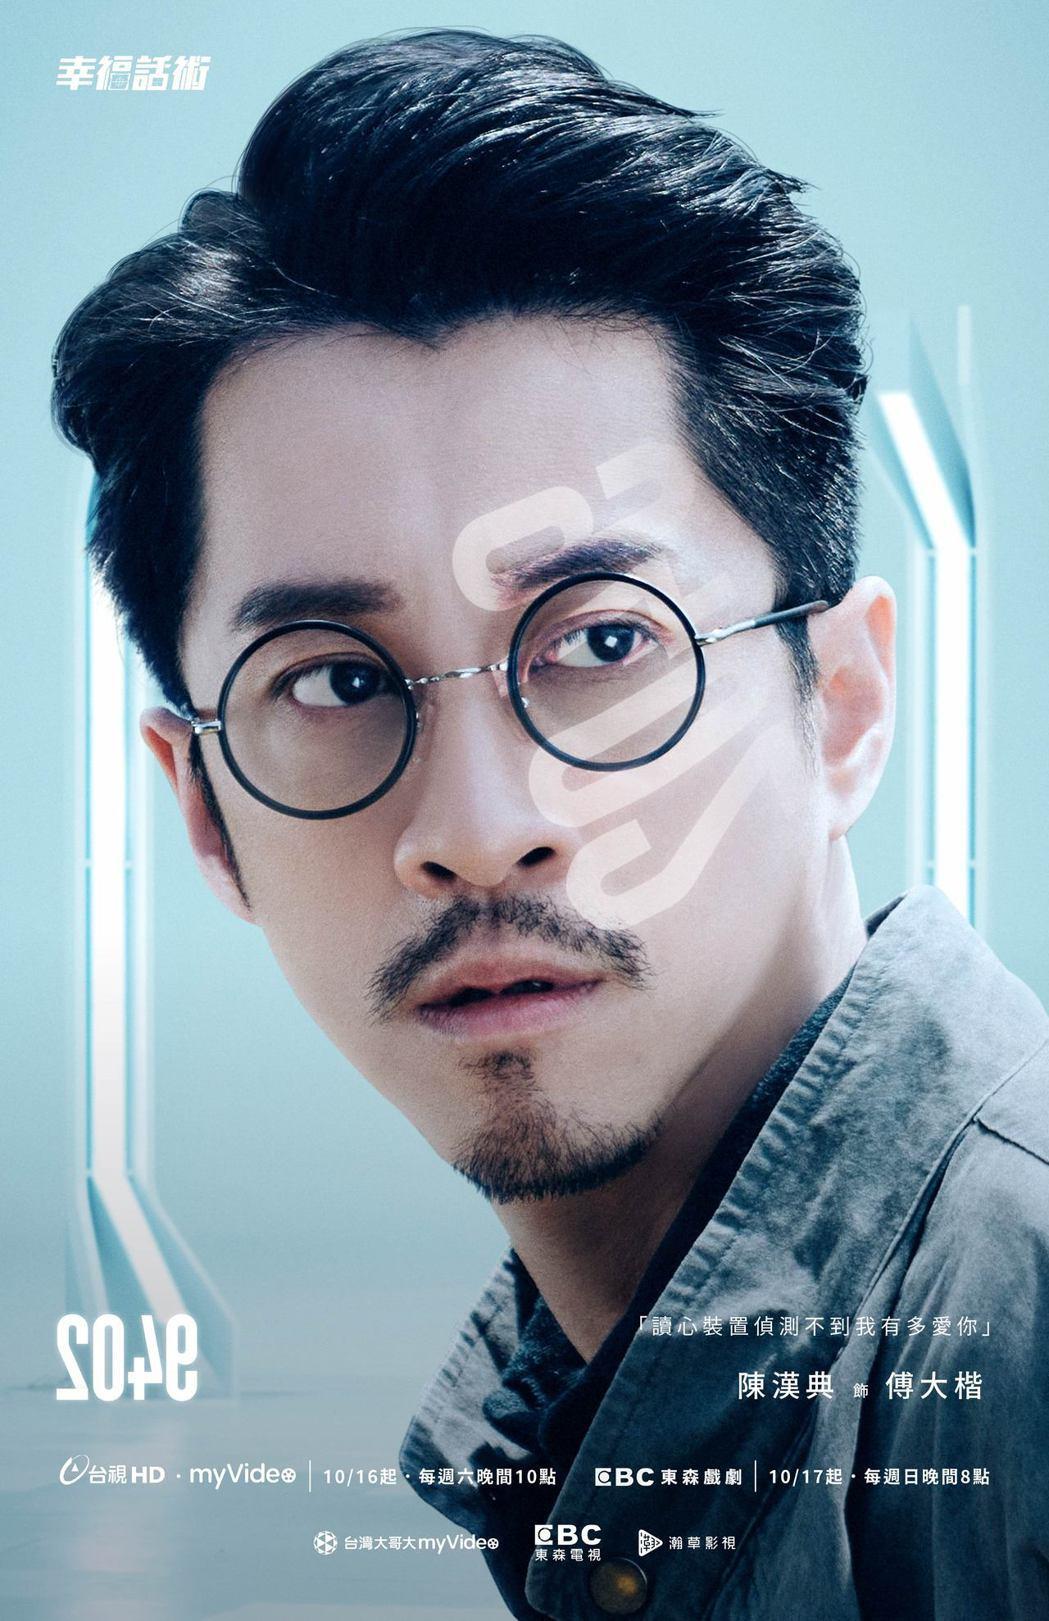 陳漢典演出未來影集「2049」。圖/瀚草提供